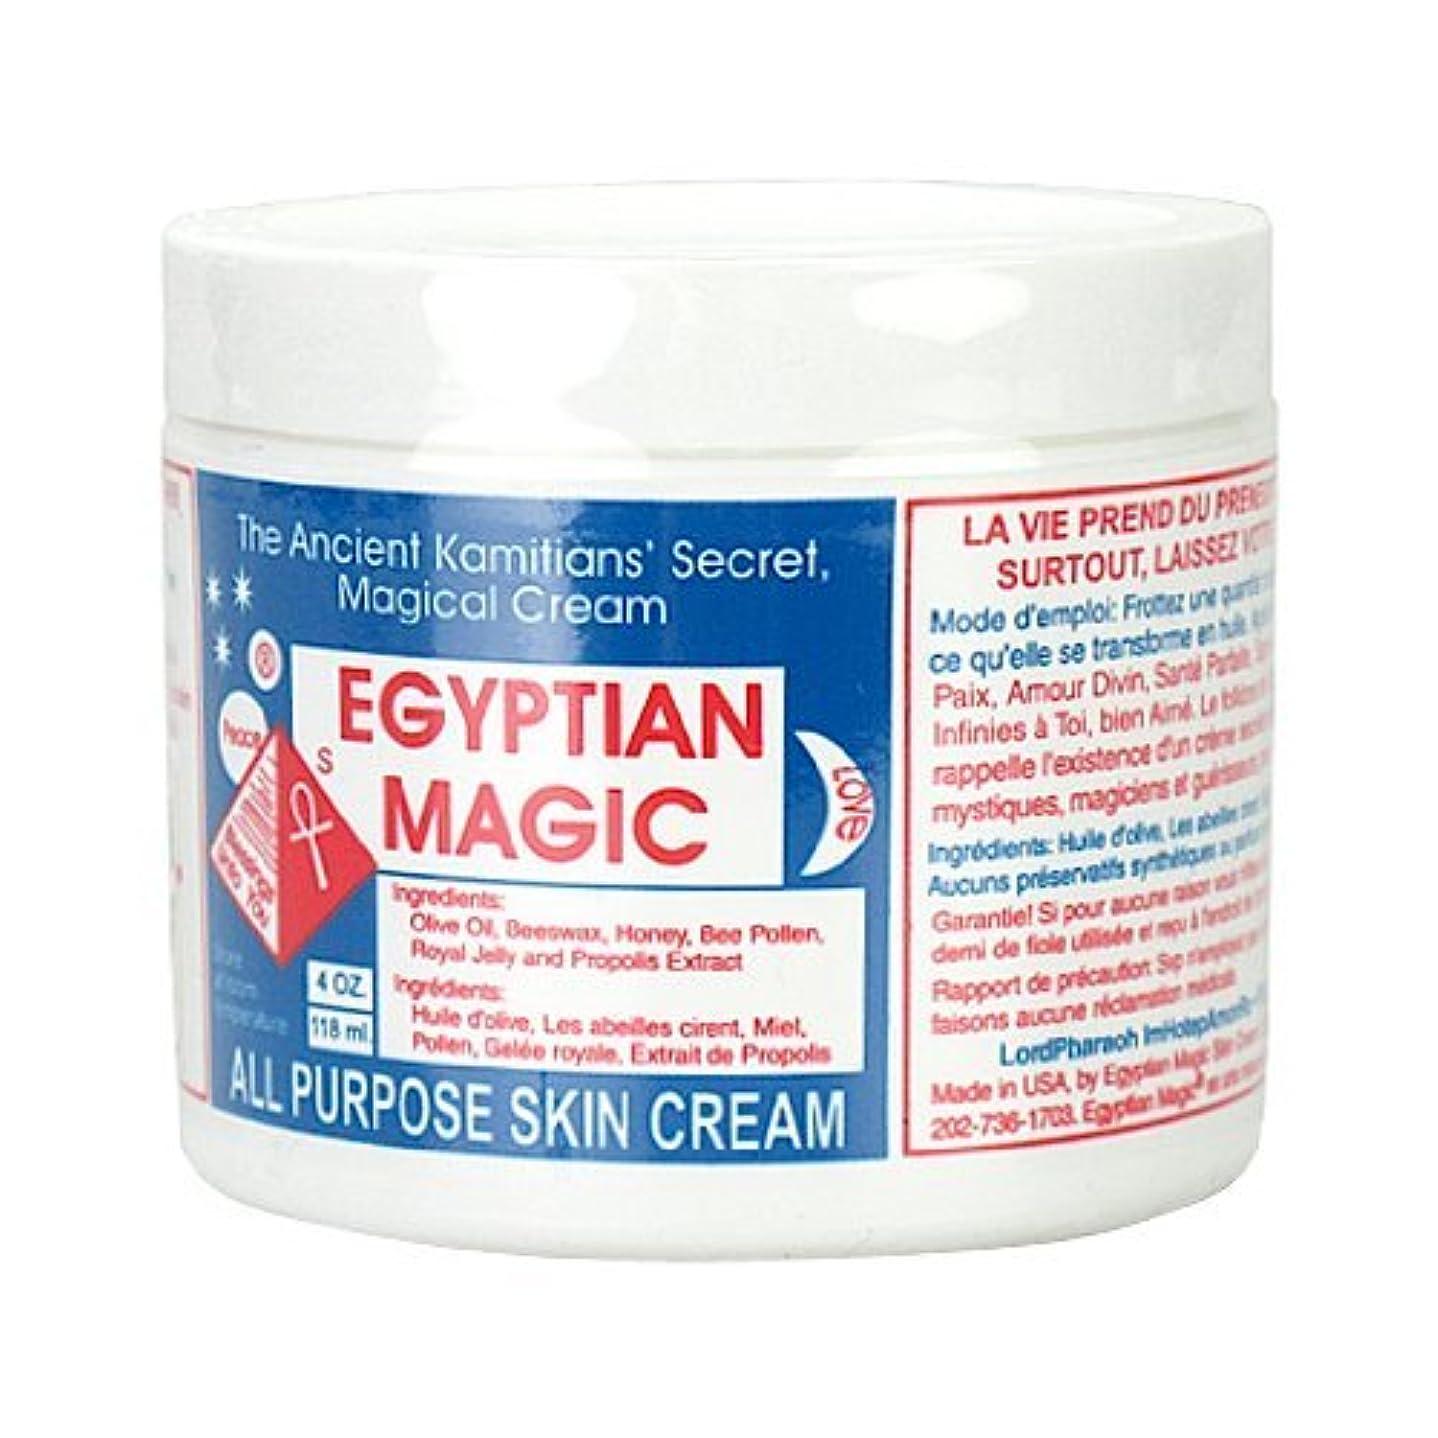 ウガンダ物足りないポジションエジプシャンマジック EGYPTIAN MAGIC エジプシャン マジック クリーム 118ml 保湿クリーム